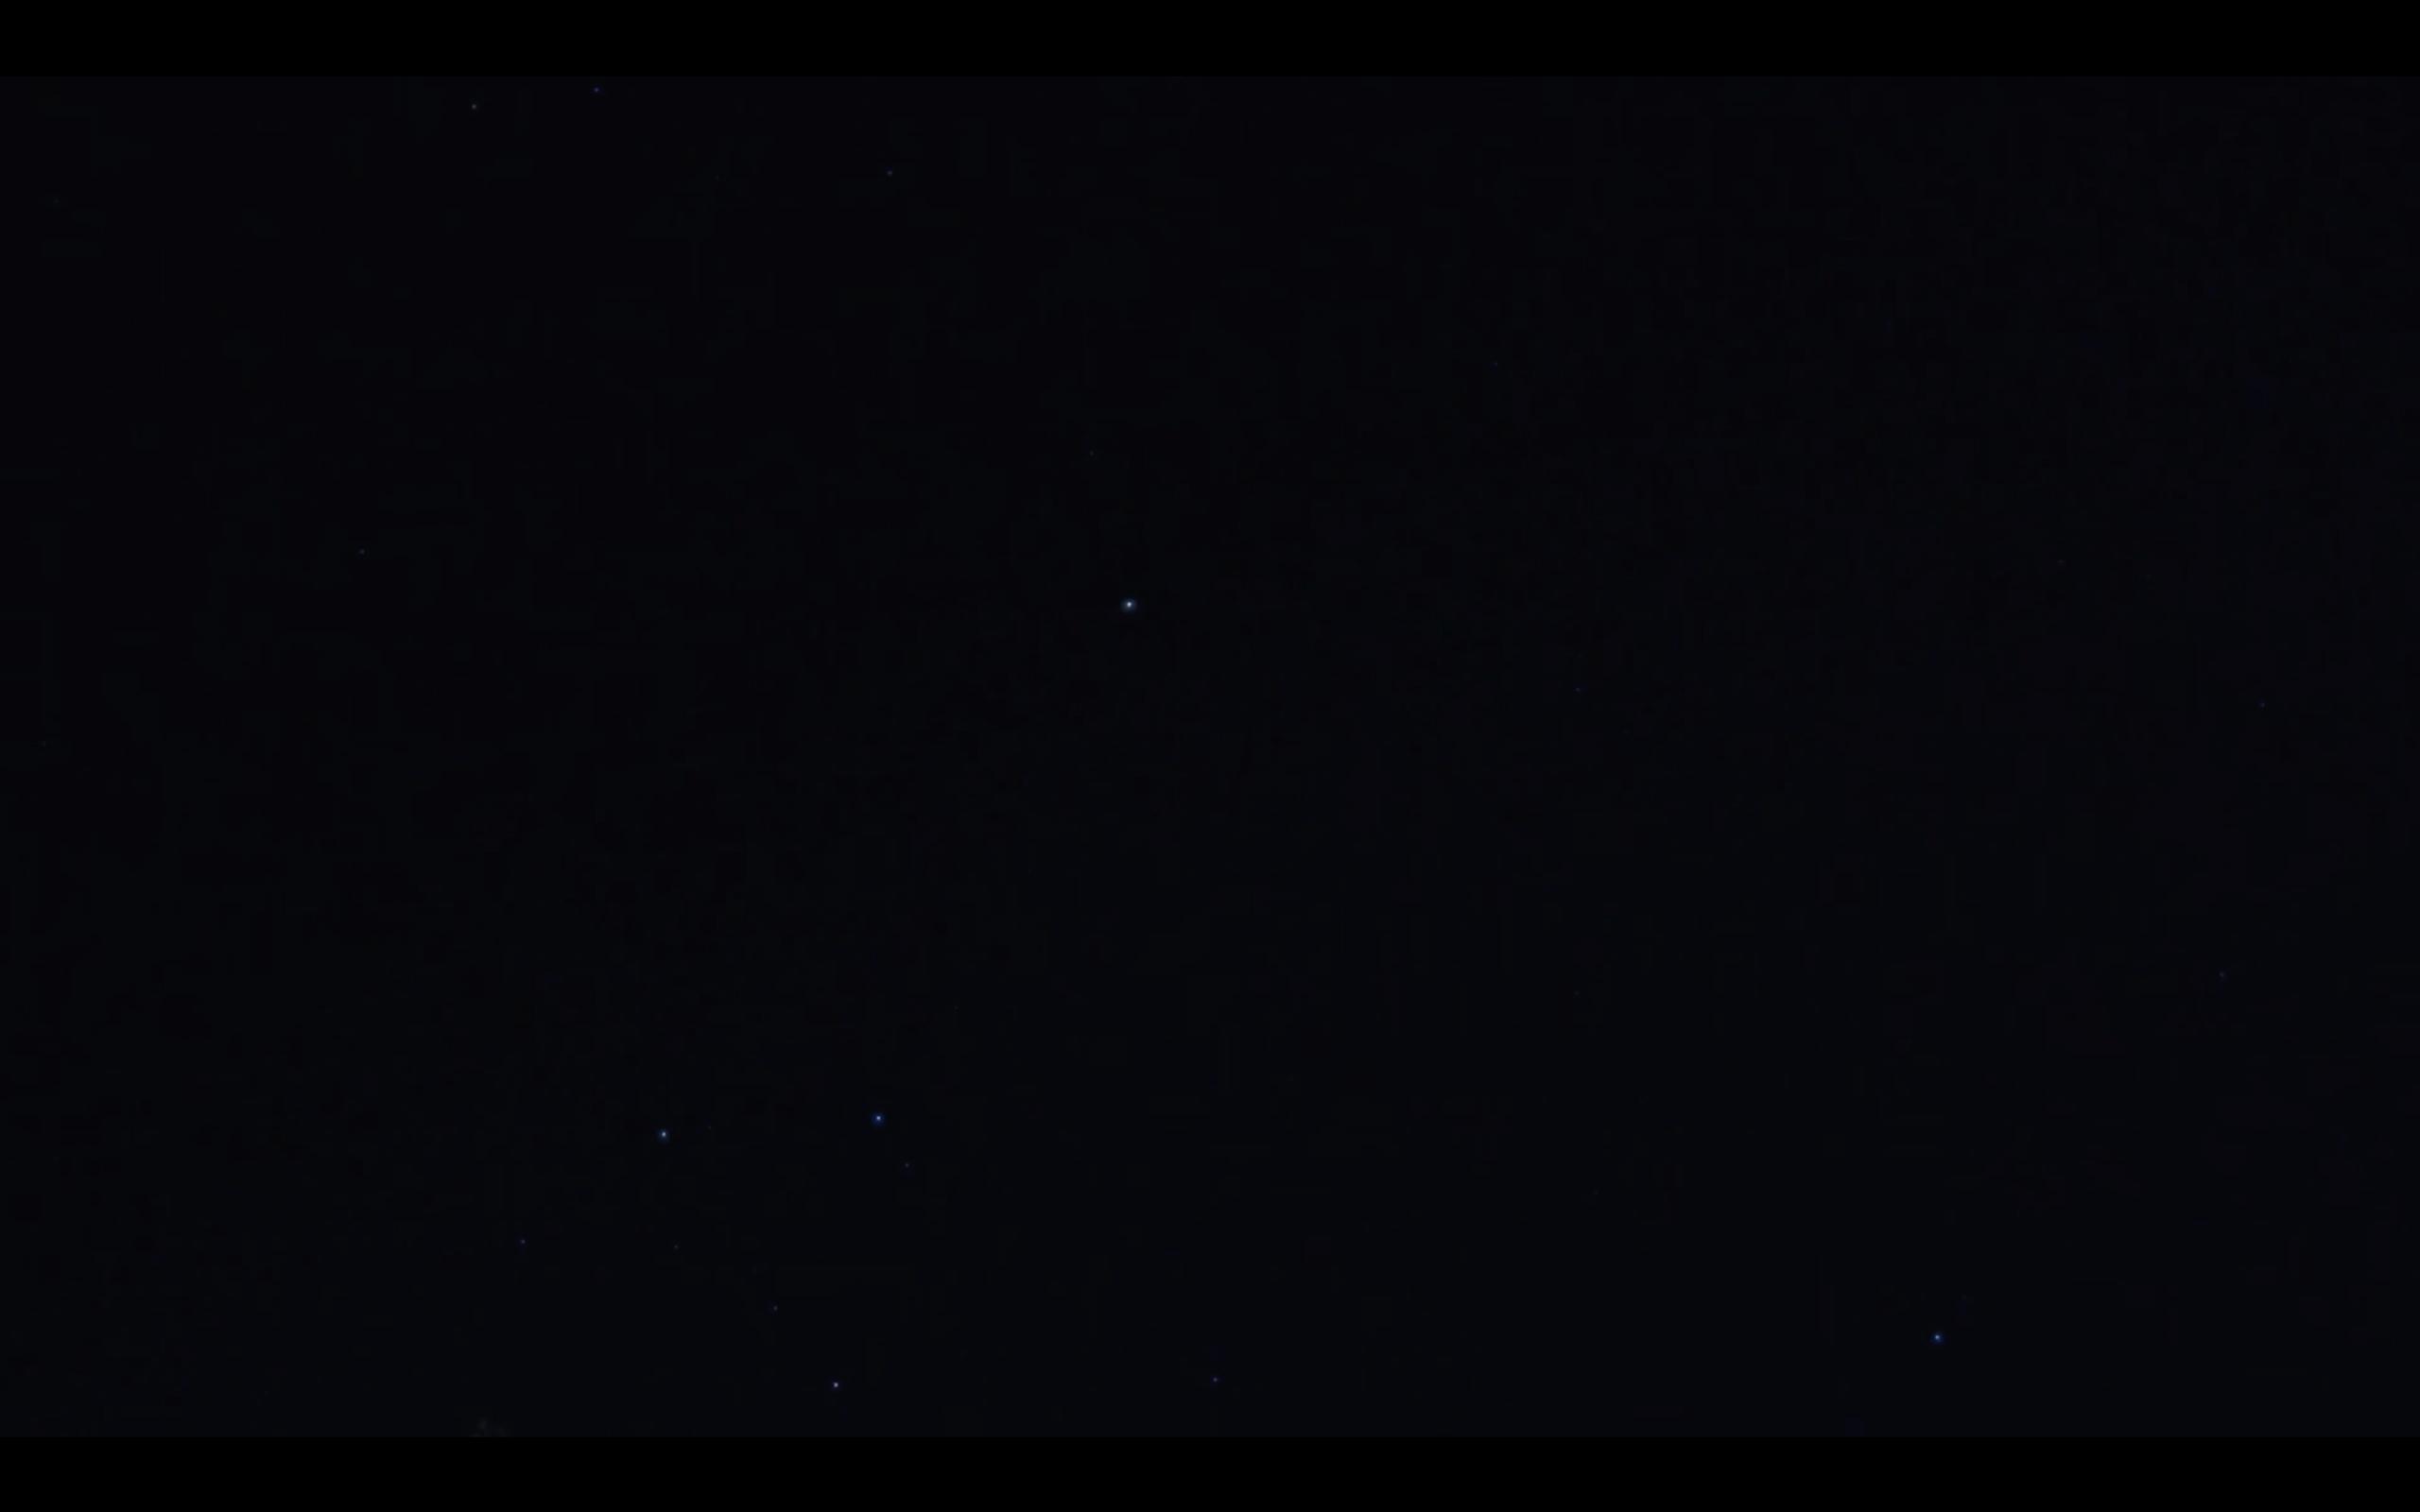 Screen-Shot-2020-06-10-at-10.59.41-am.png